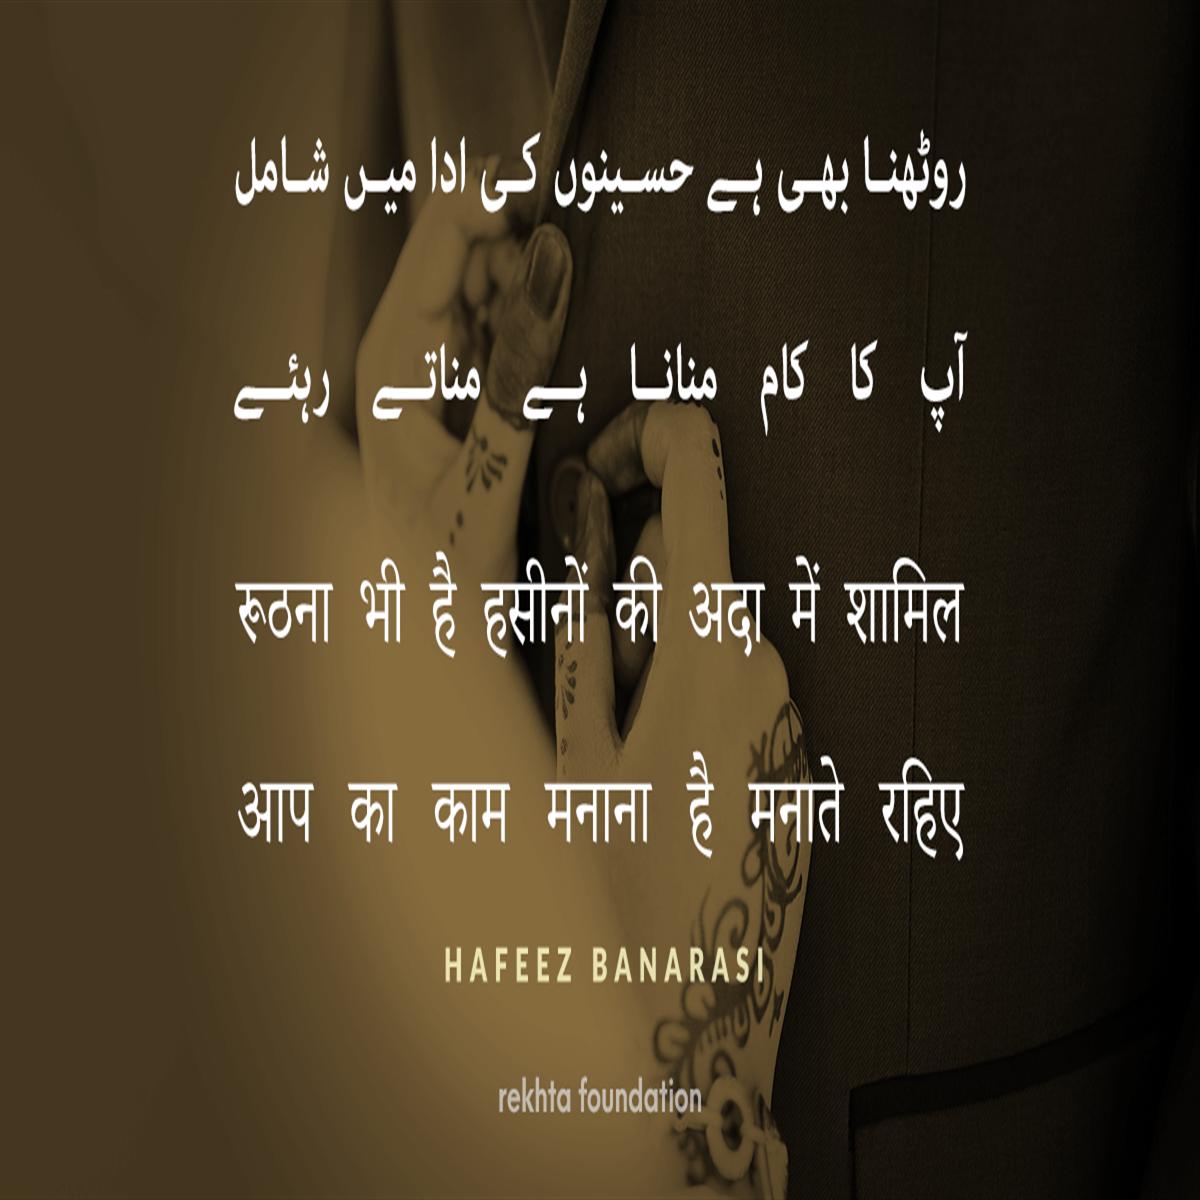 Hafeez Banarasi